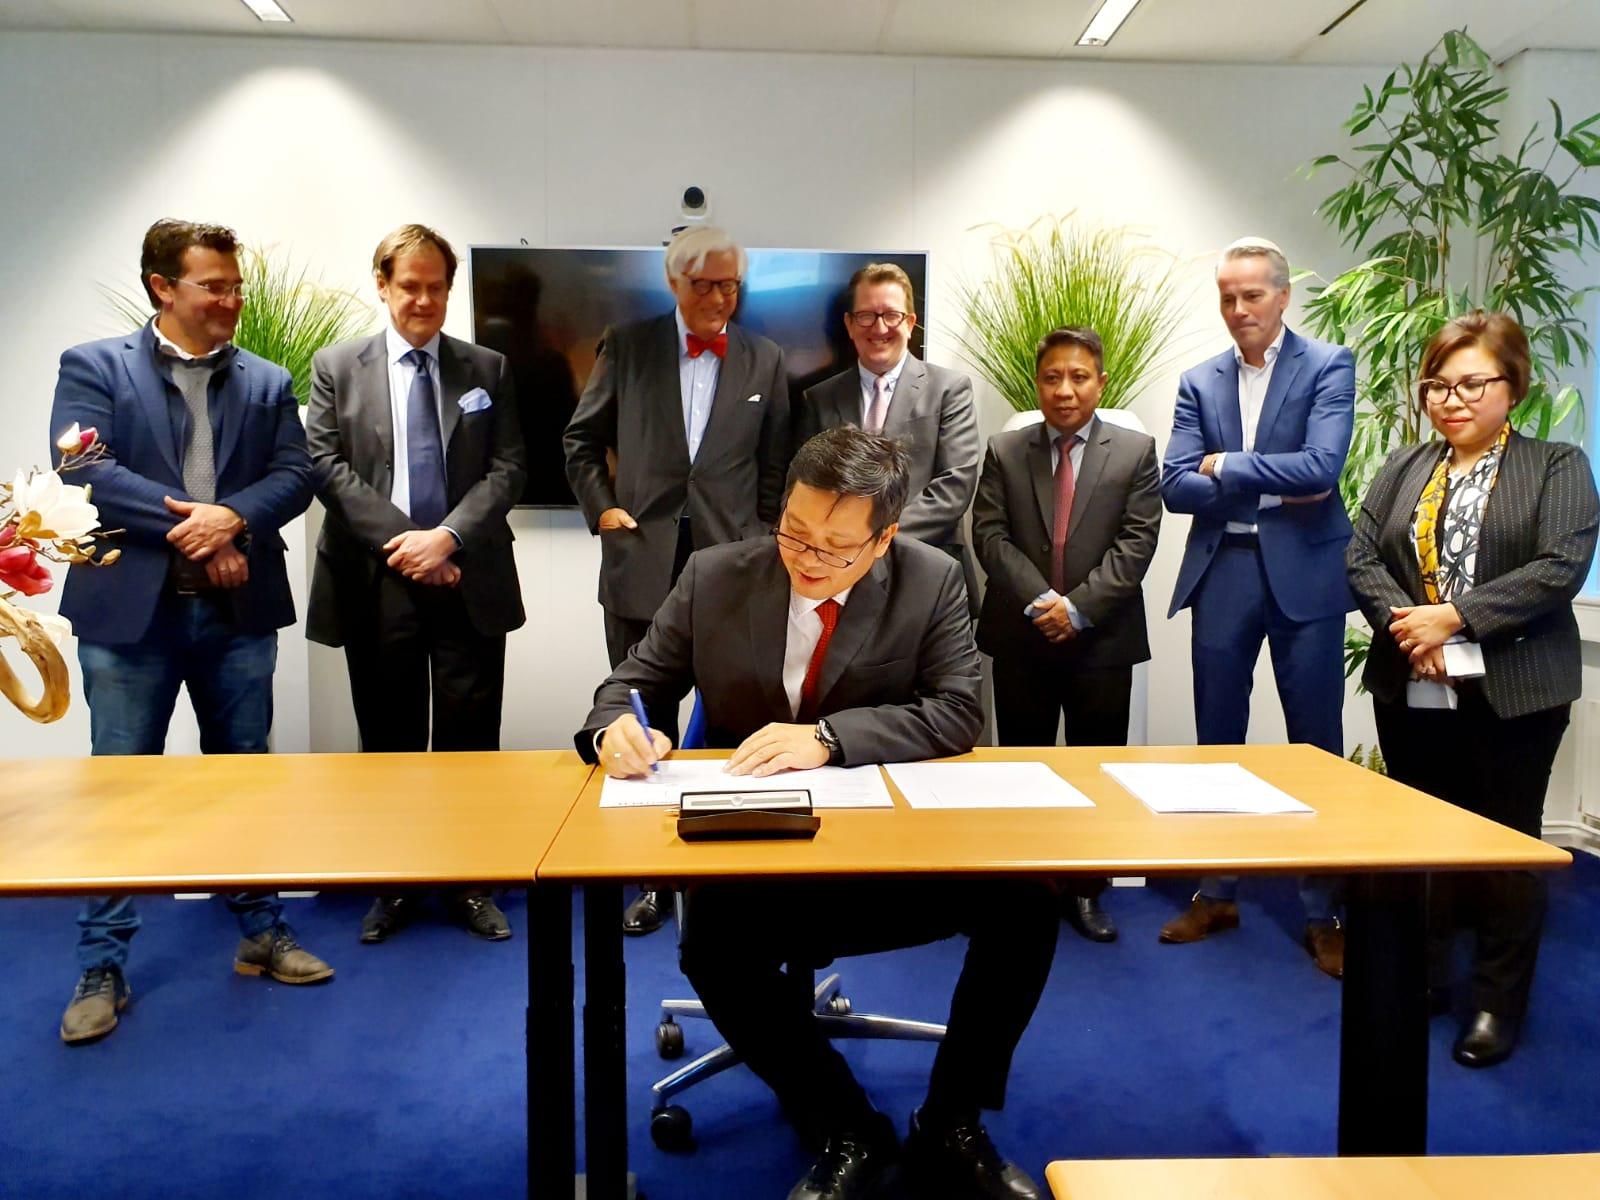 Kandouw Prensentasi Peluang lnvestasi Sulut 150 Pengusaha Eropa di Belanda